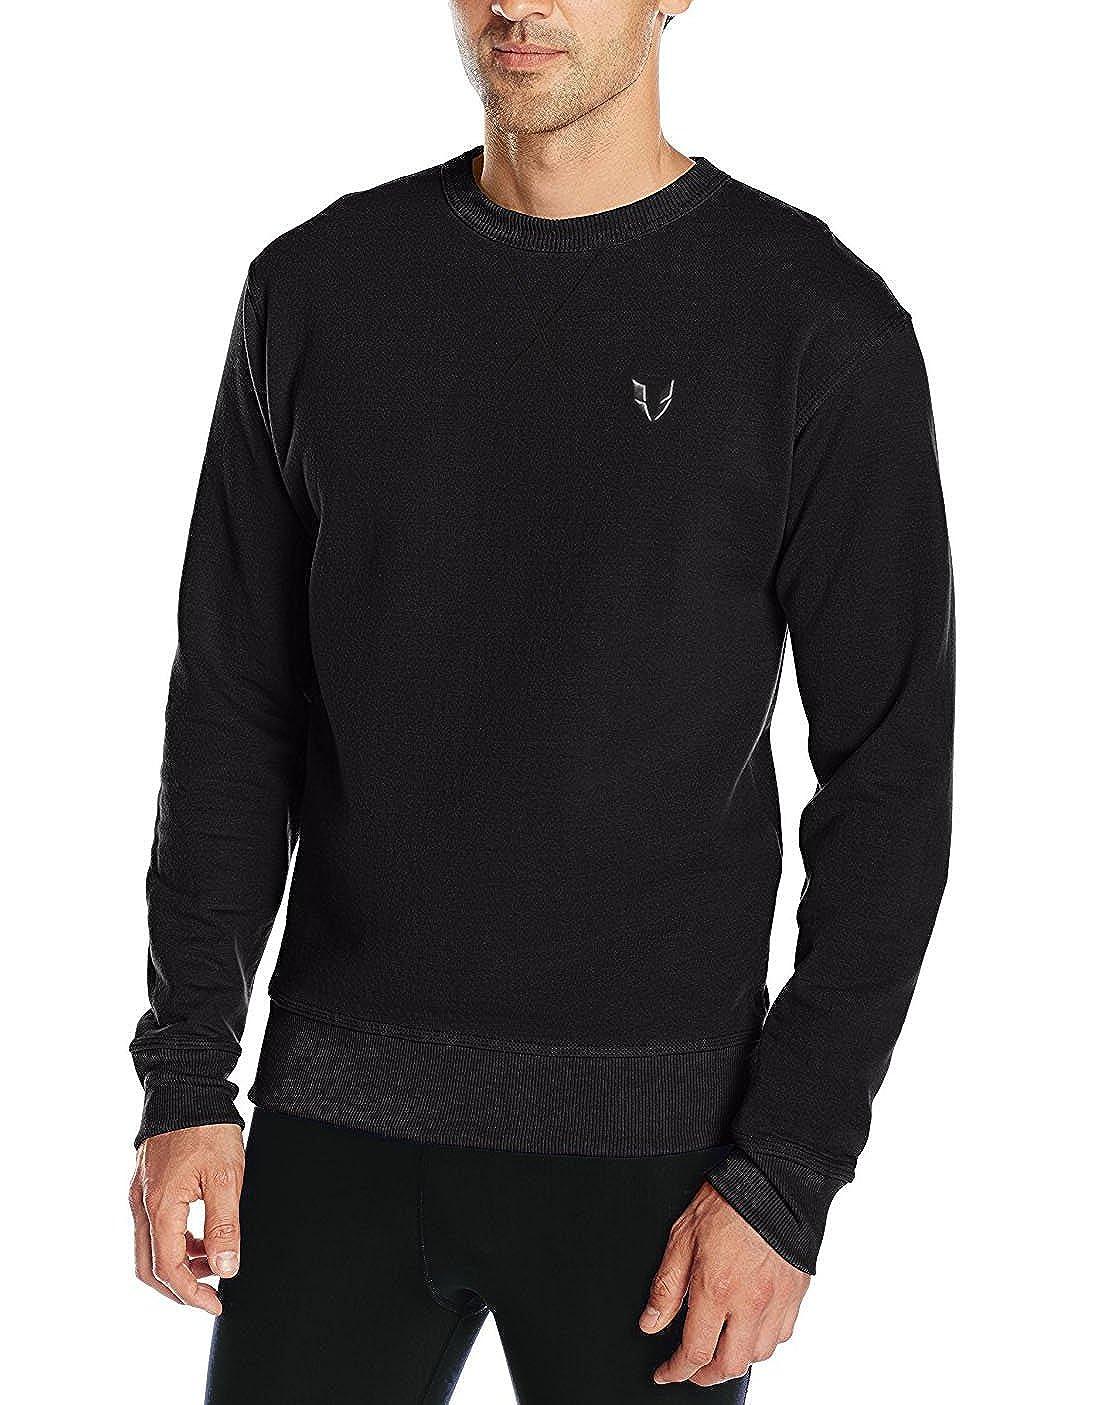 FIRM ABS Men's Active Crewneck Sweatshirt Novelty Pullover SW001